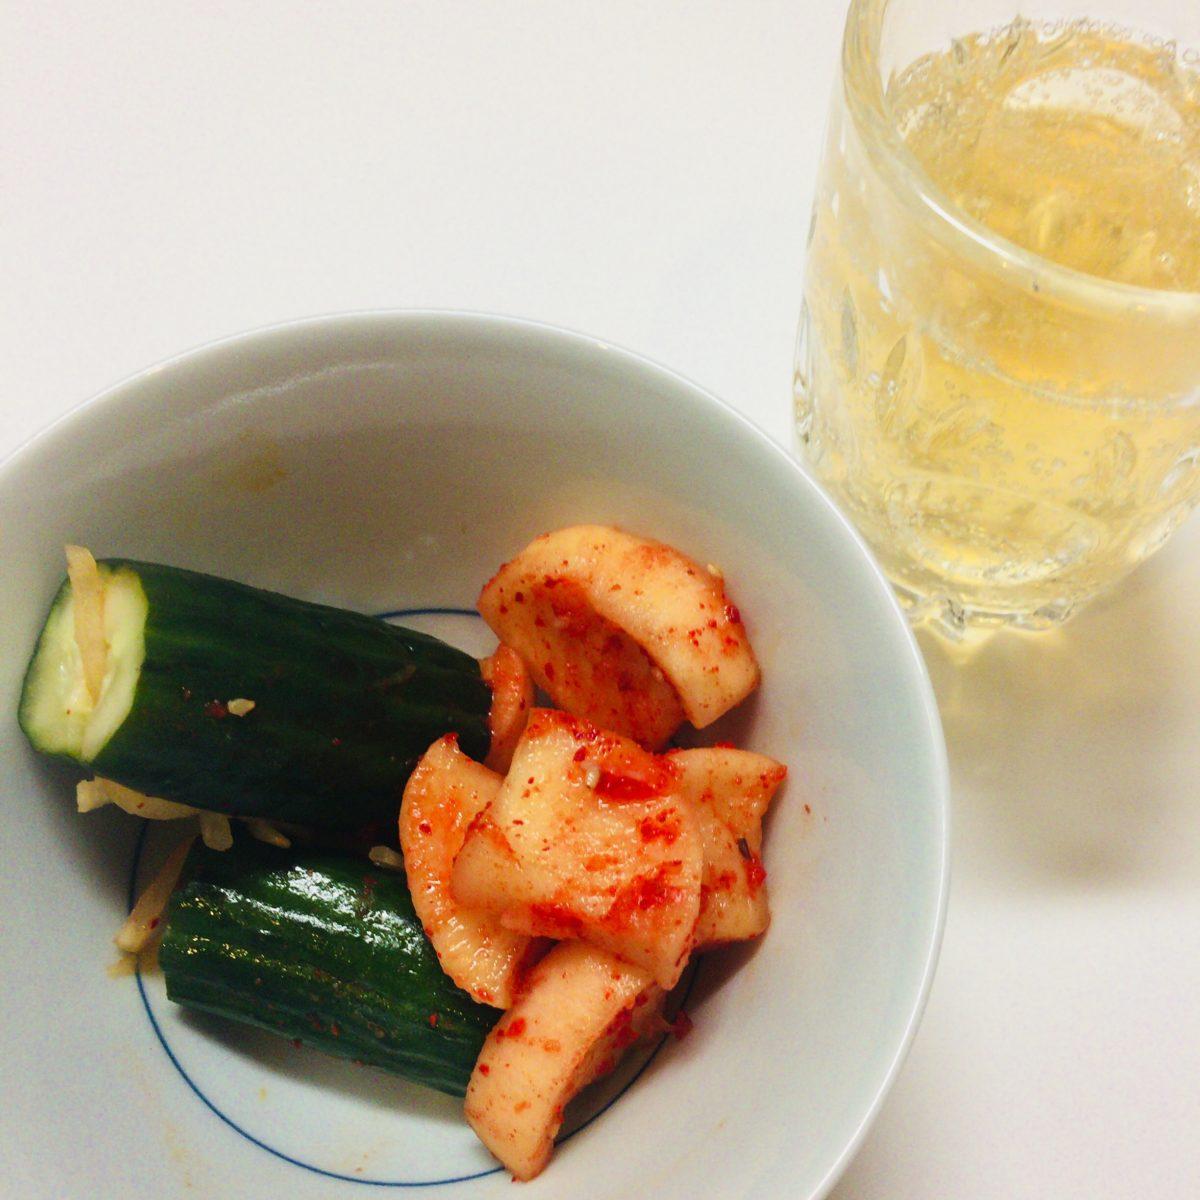 山崎蒸溜所貯蔵梅酒ソーダ割 / SUNTORYとローソンのオイキムチセット